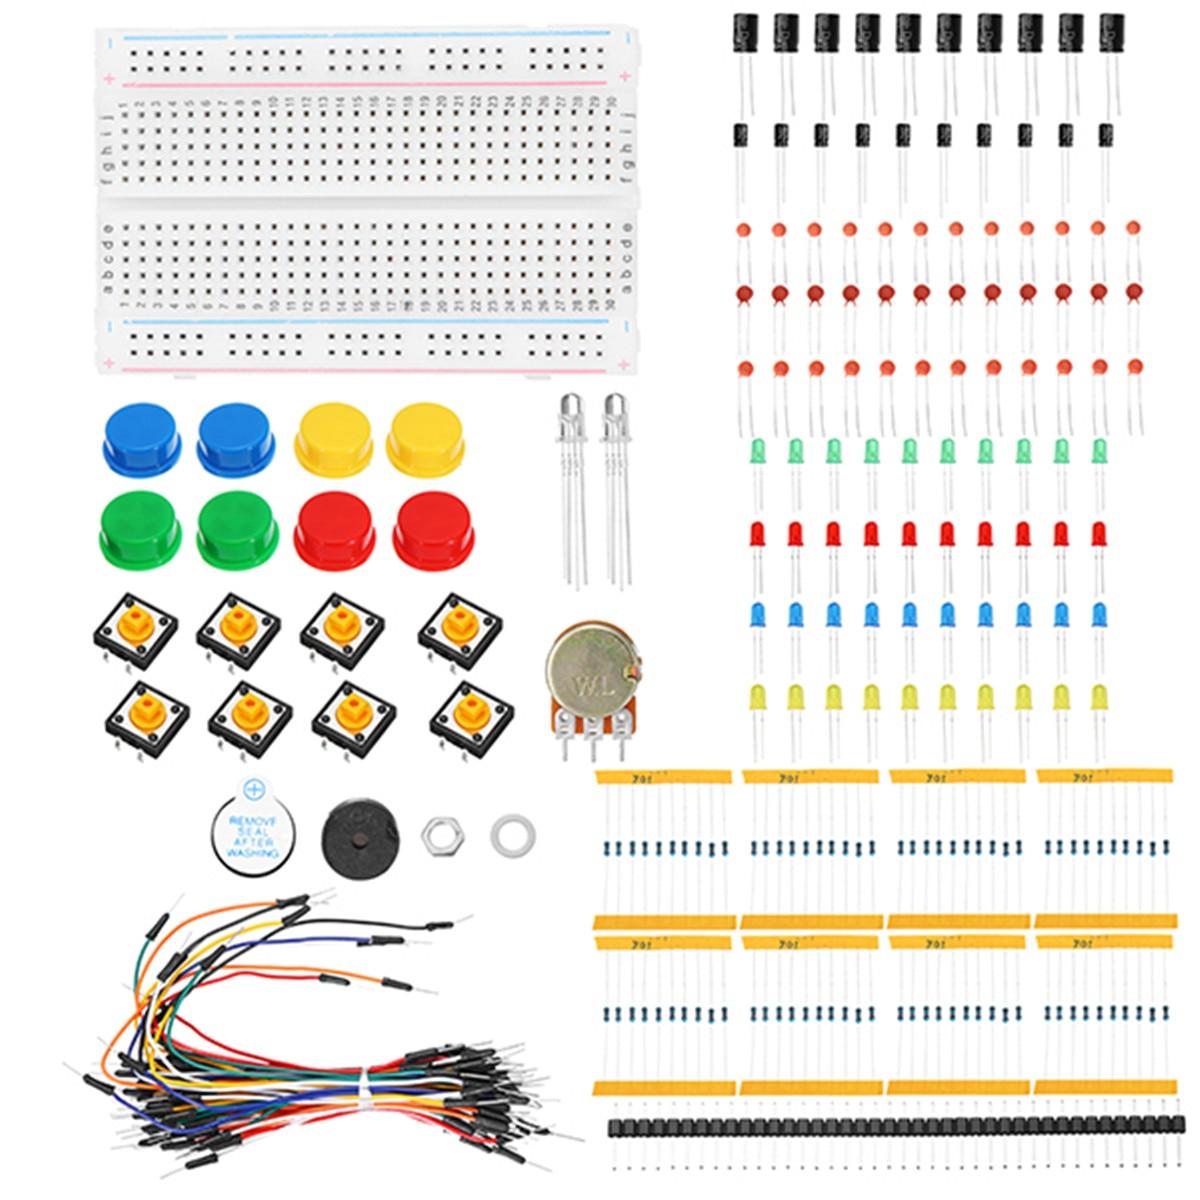 Starter Learning Kit For Arduino Resistor  Capacitor  Jumper